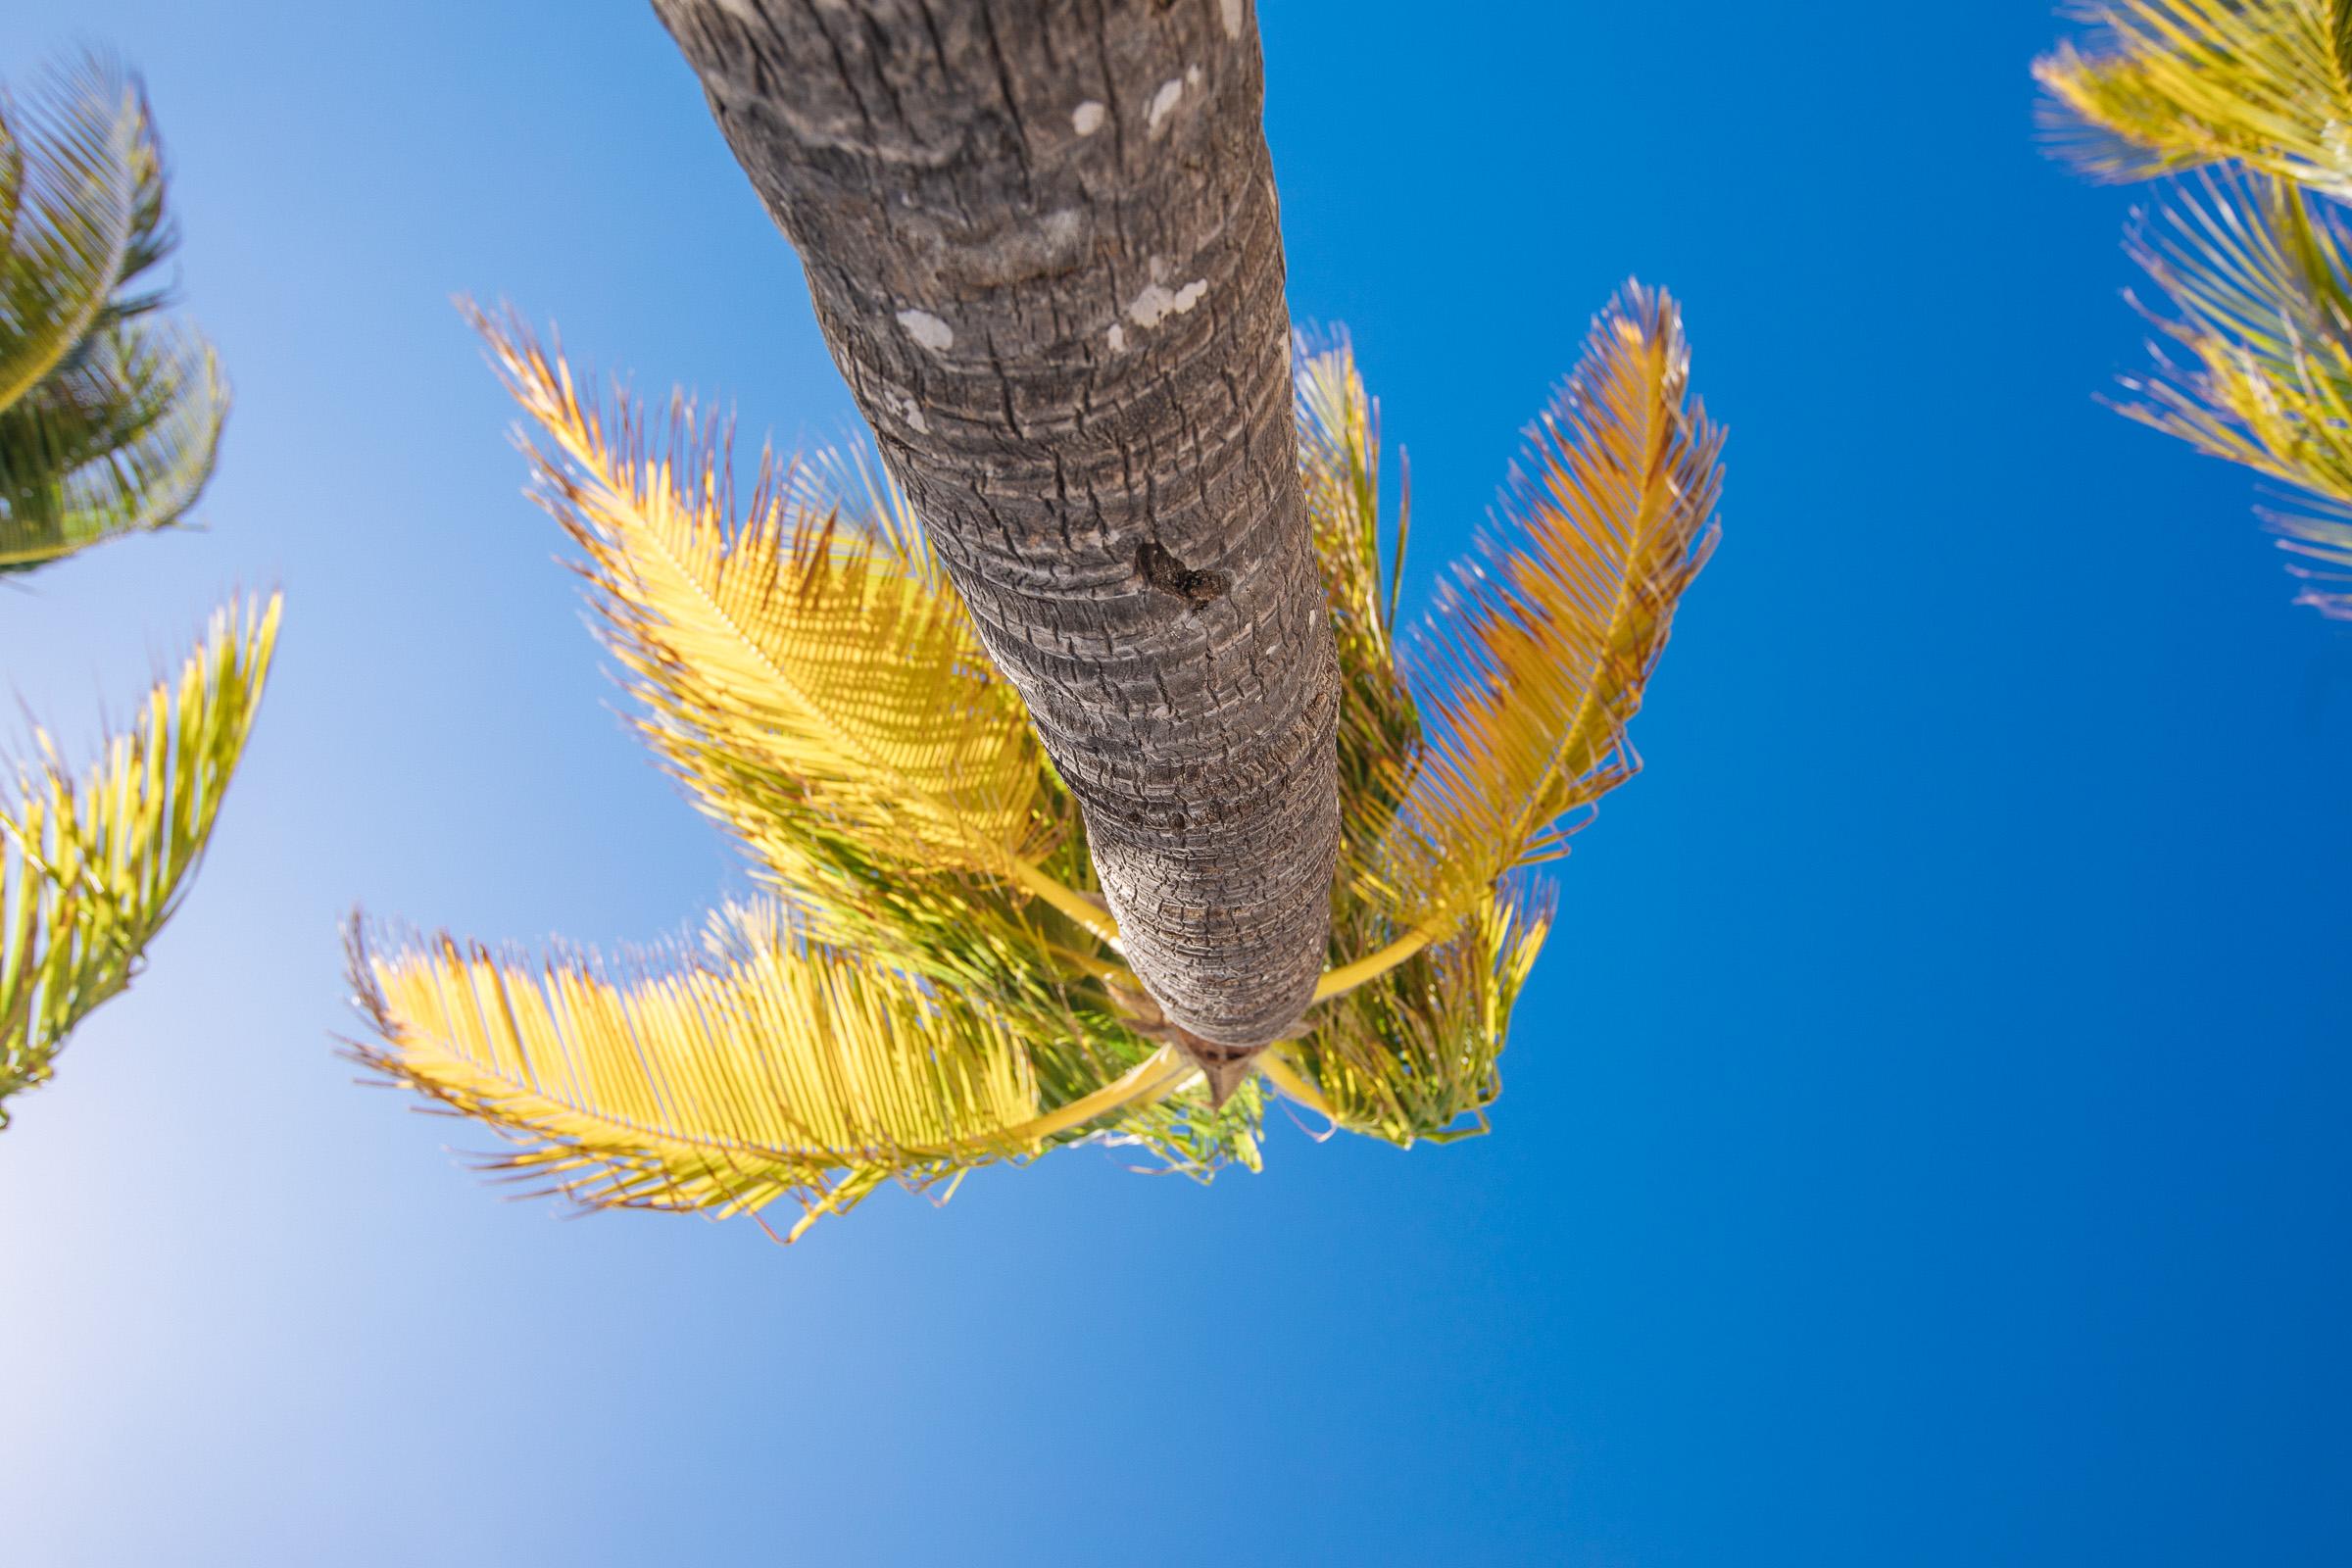 Blick am Stamm einer Palme hinauf